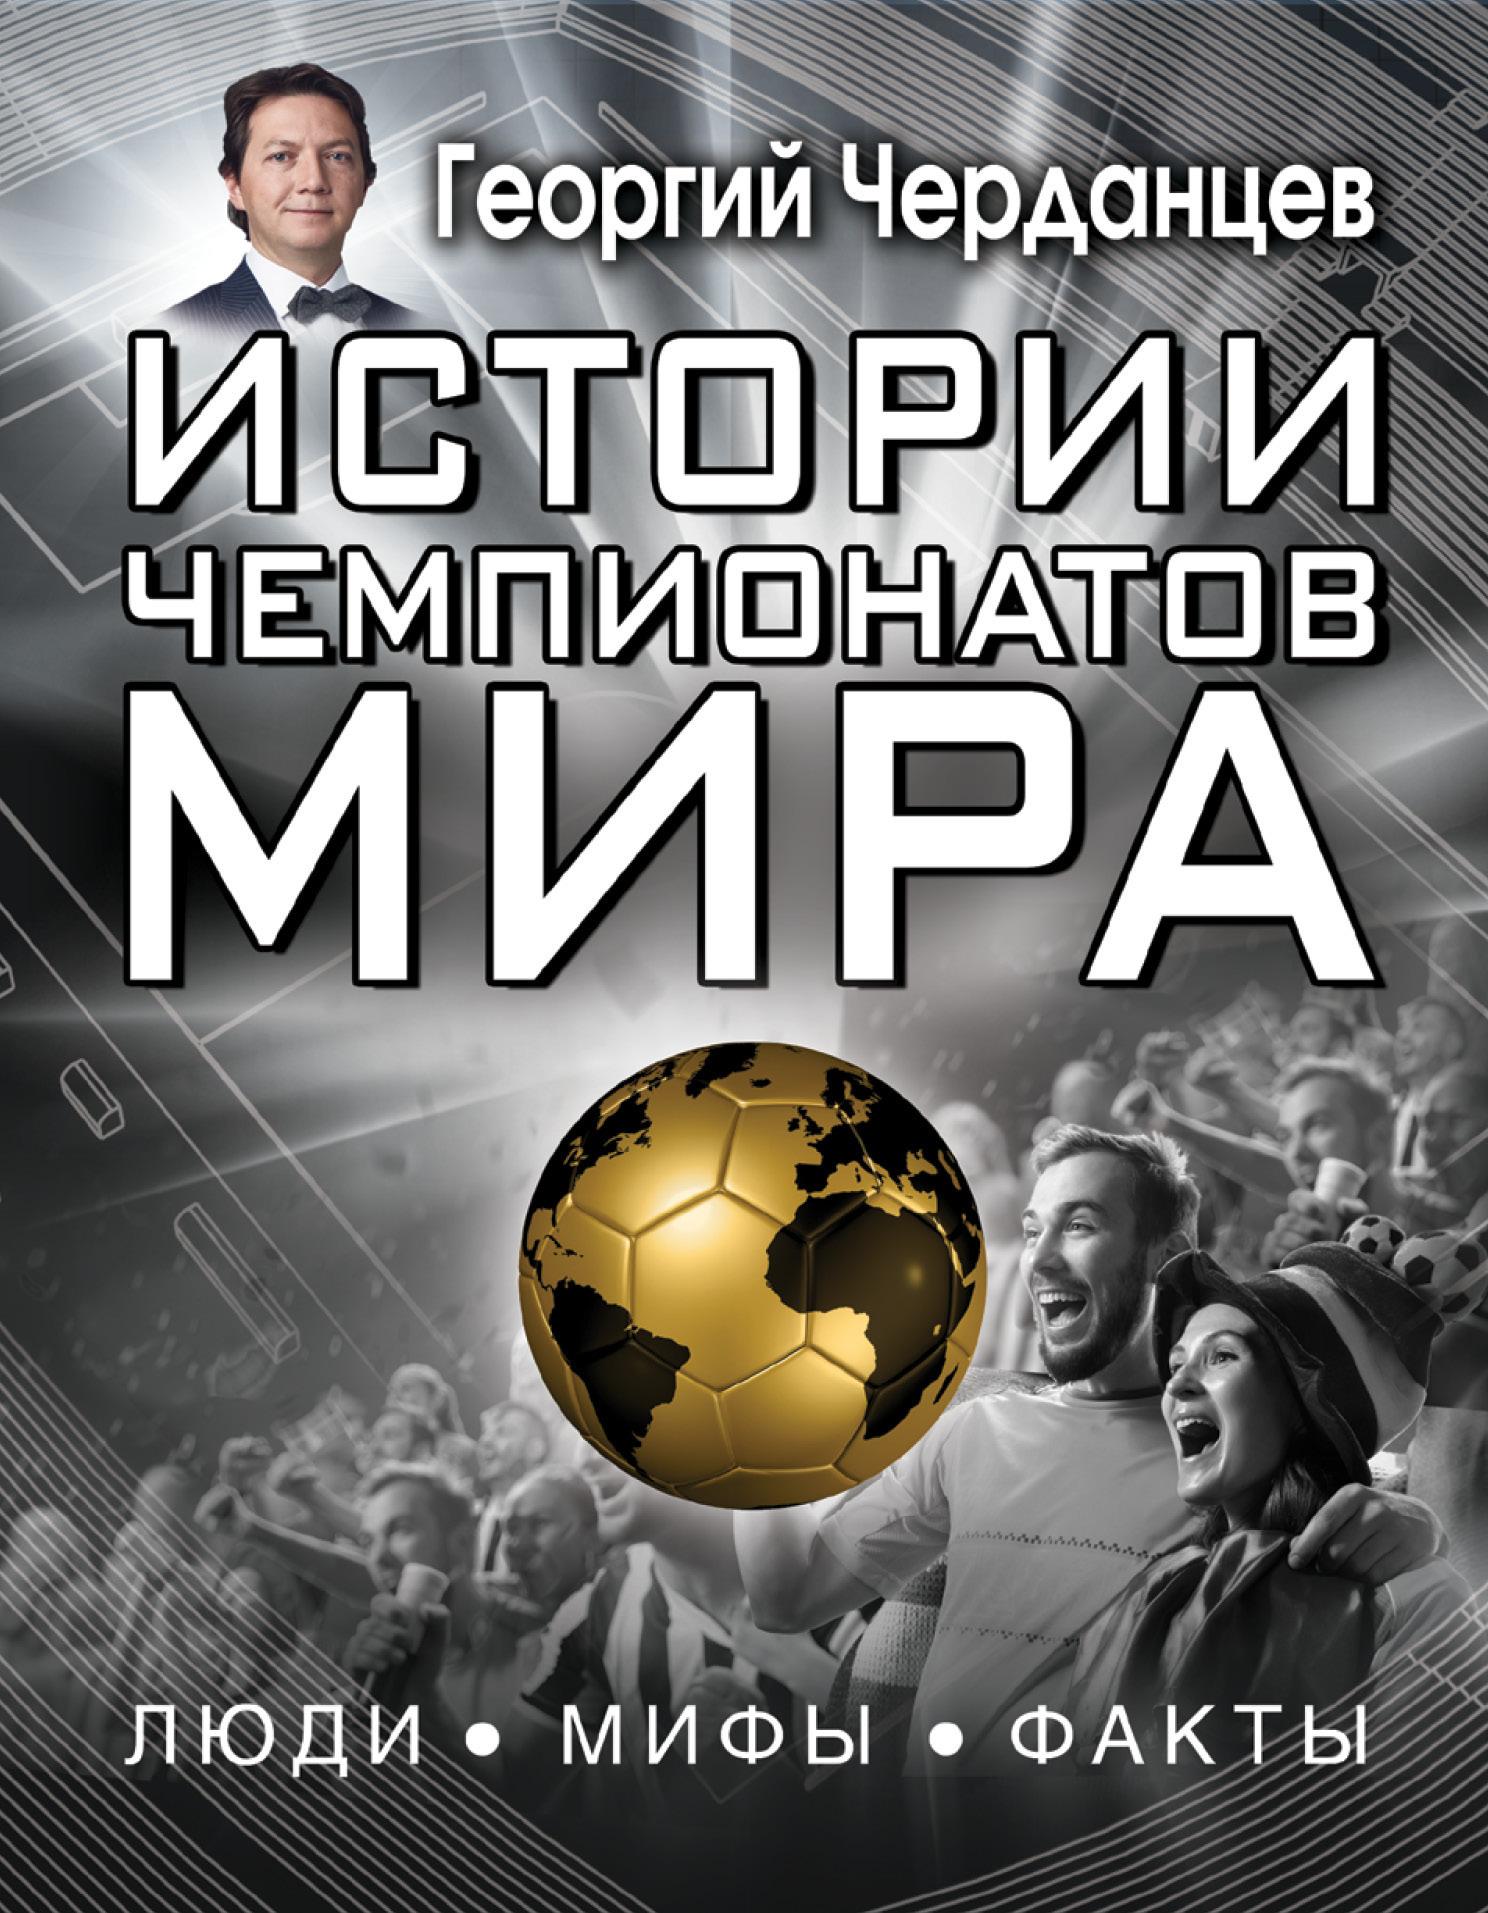 Георгий Черданцев Истории чемпионатов мира